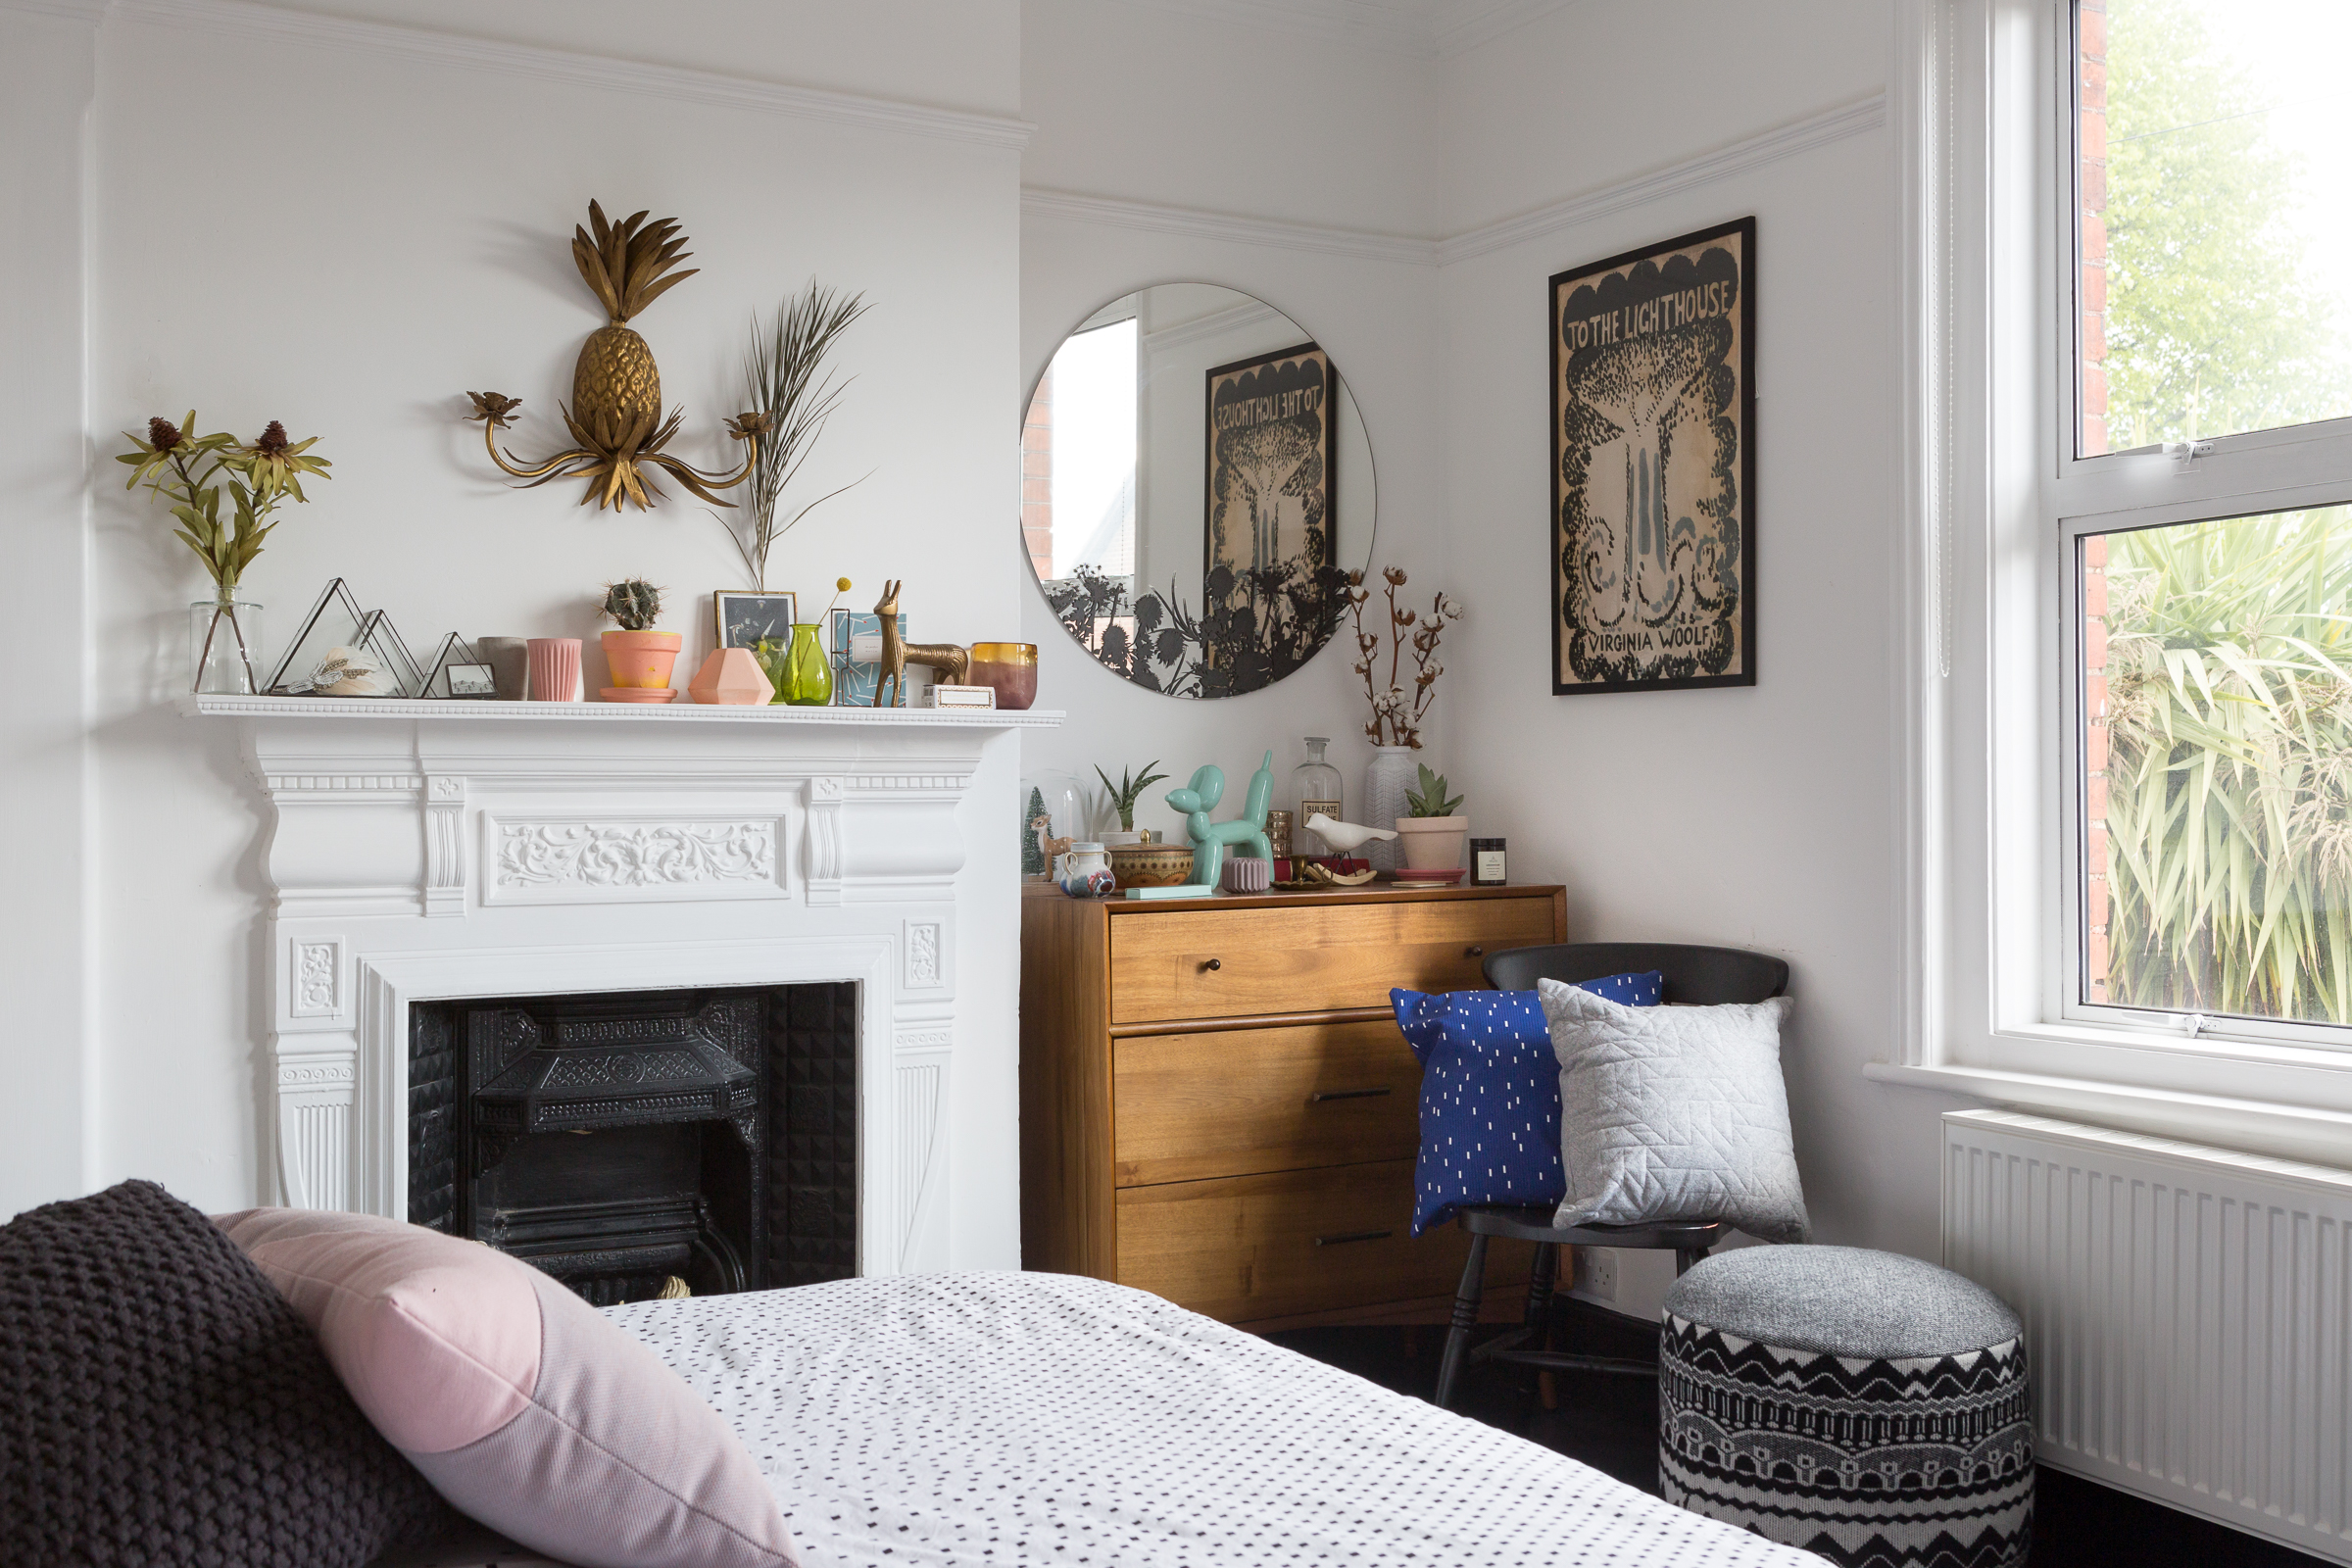 20 ایده برای ایجاد فضای بیشتر در اتاق خواب کوچک